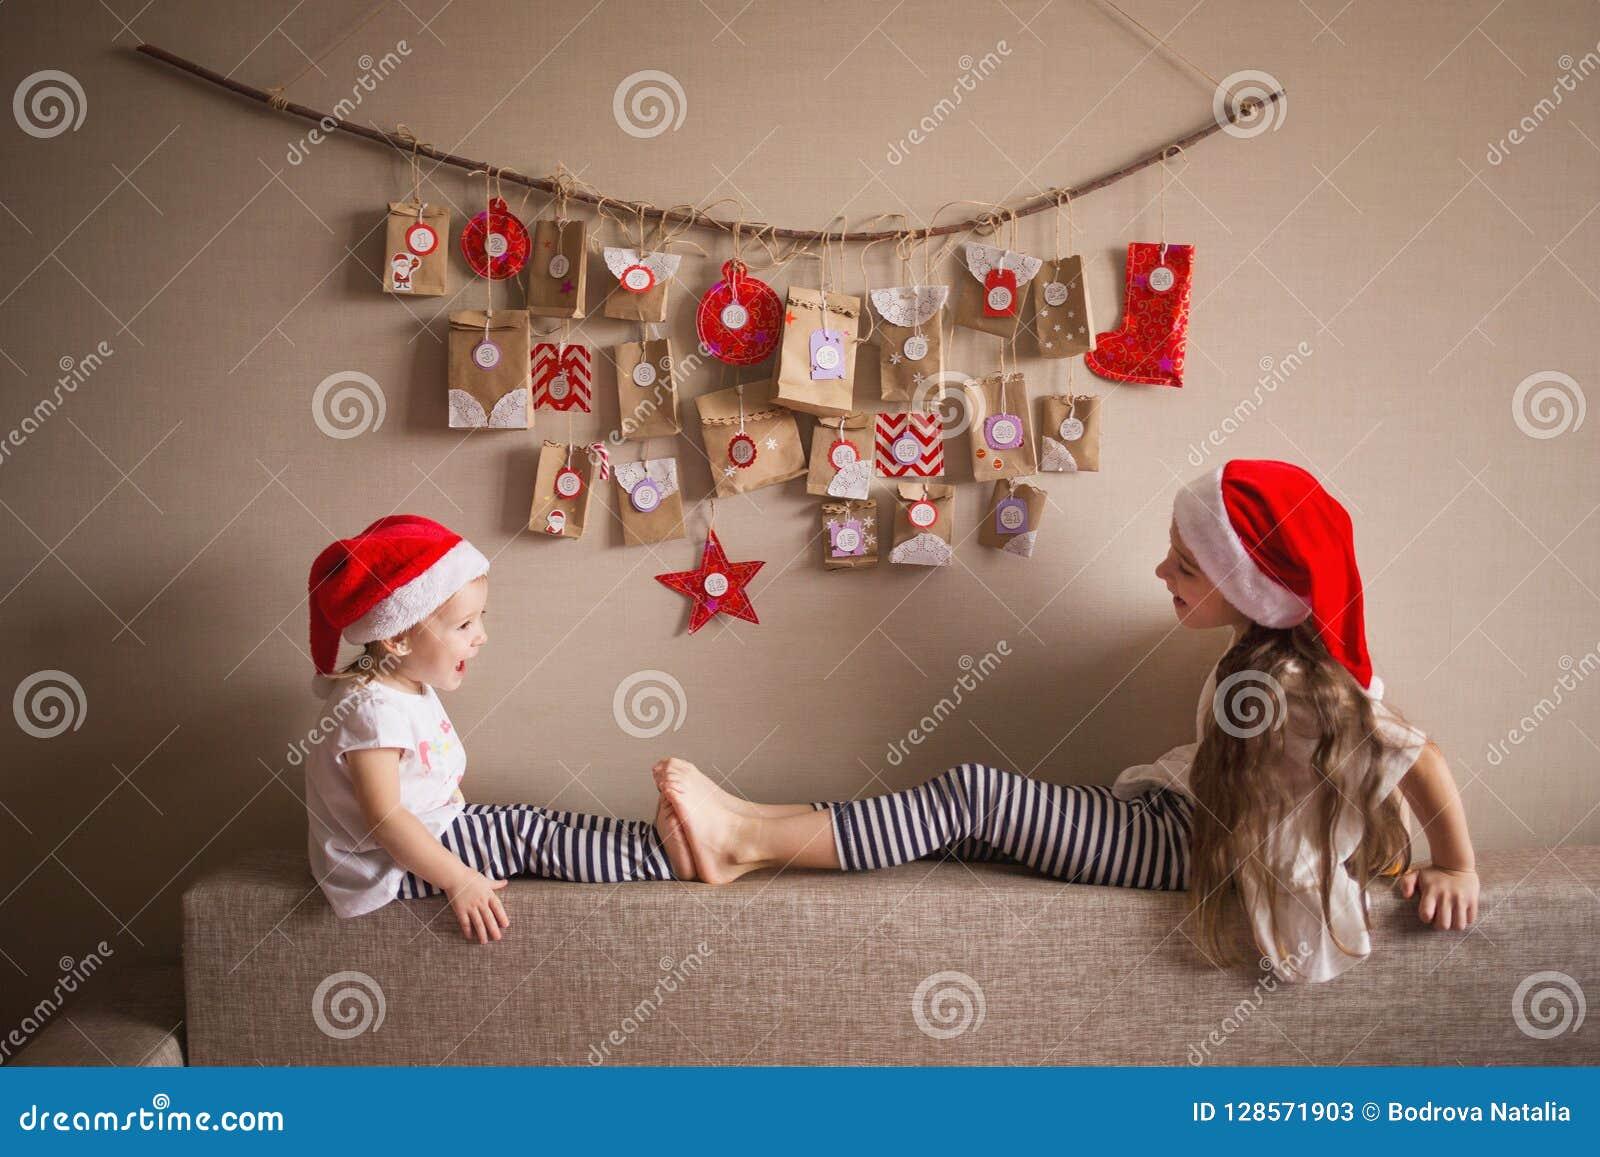 Το ημερολόγιο εμφάνισης που κρεμά στον τοίχο μικρές εκπλήξεις δώρων για τα παιδιά δύο αδελφές έντυσαν καθώς τα στοιχειά παίζουν